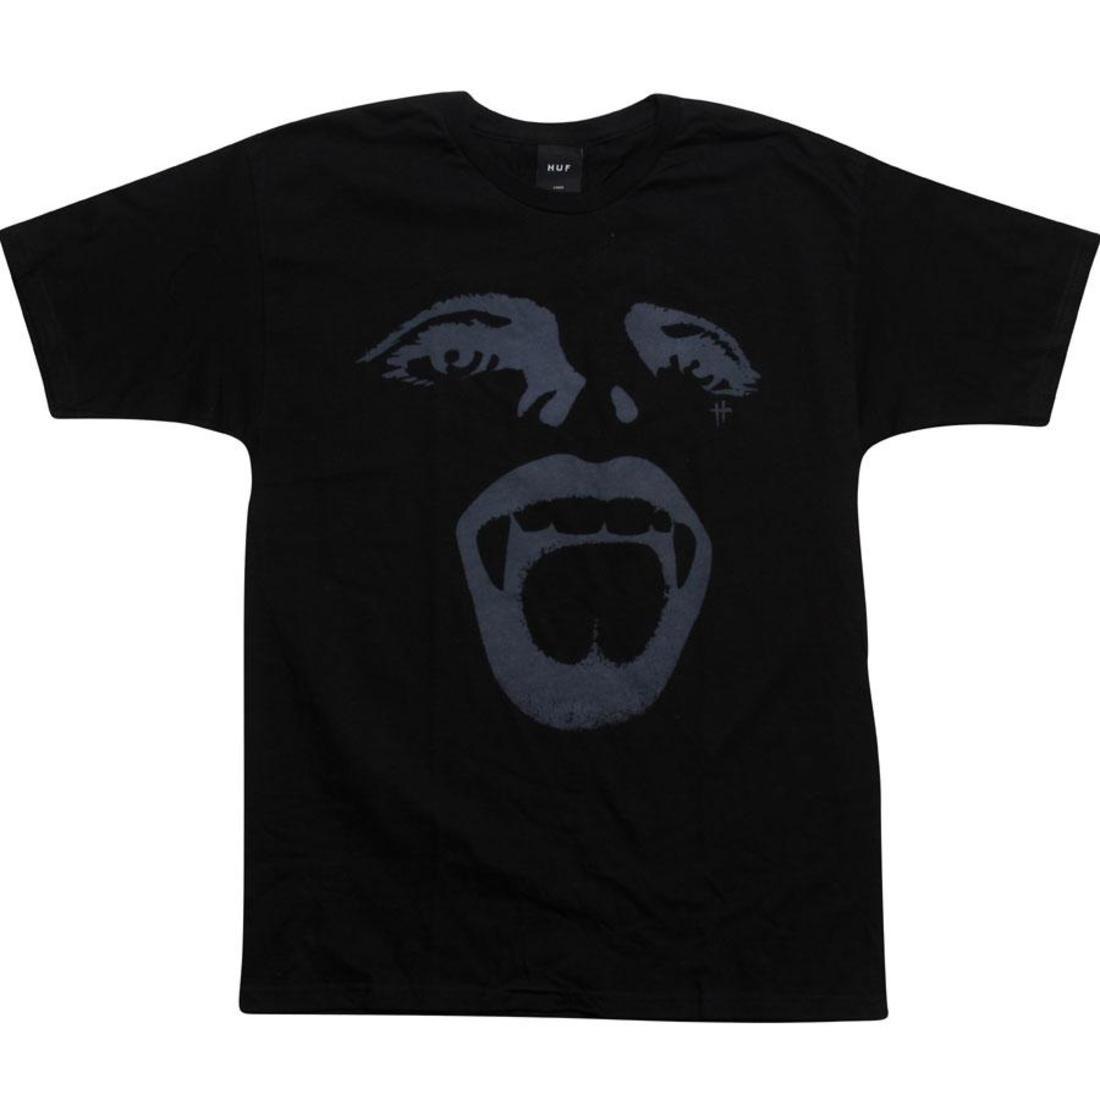 ハフ Tシャツ 黒 ブラック 【 HUF BLACK VAMPIRE STRIKES TEE 】 メンズファッション トップス Tシャツ カットソー